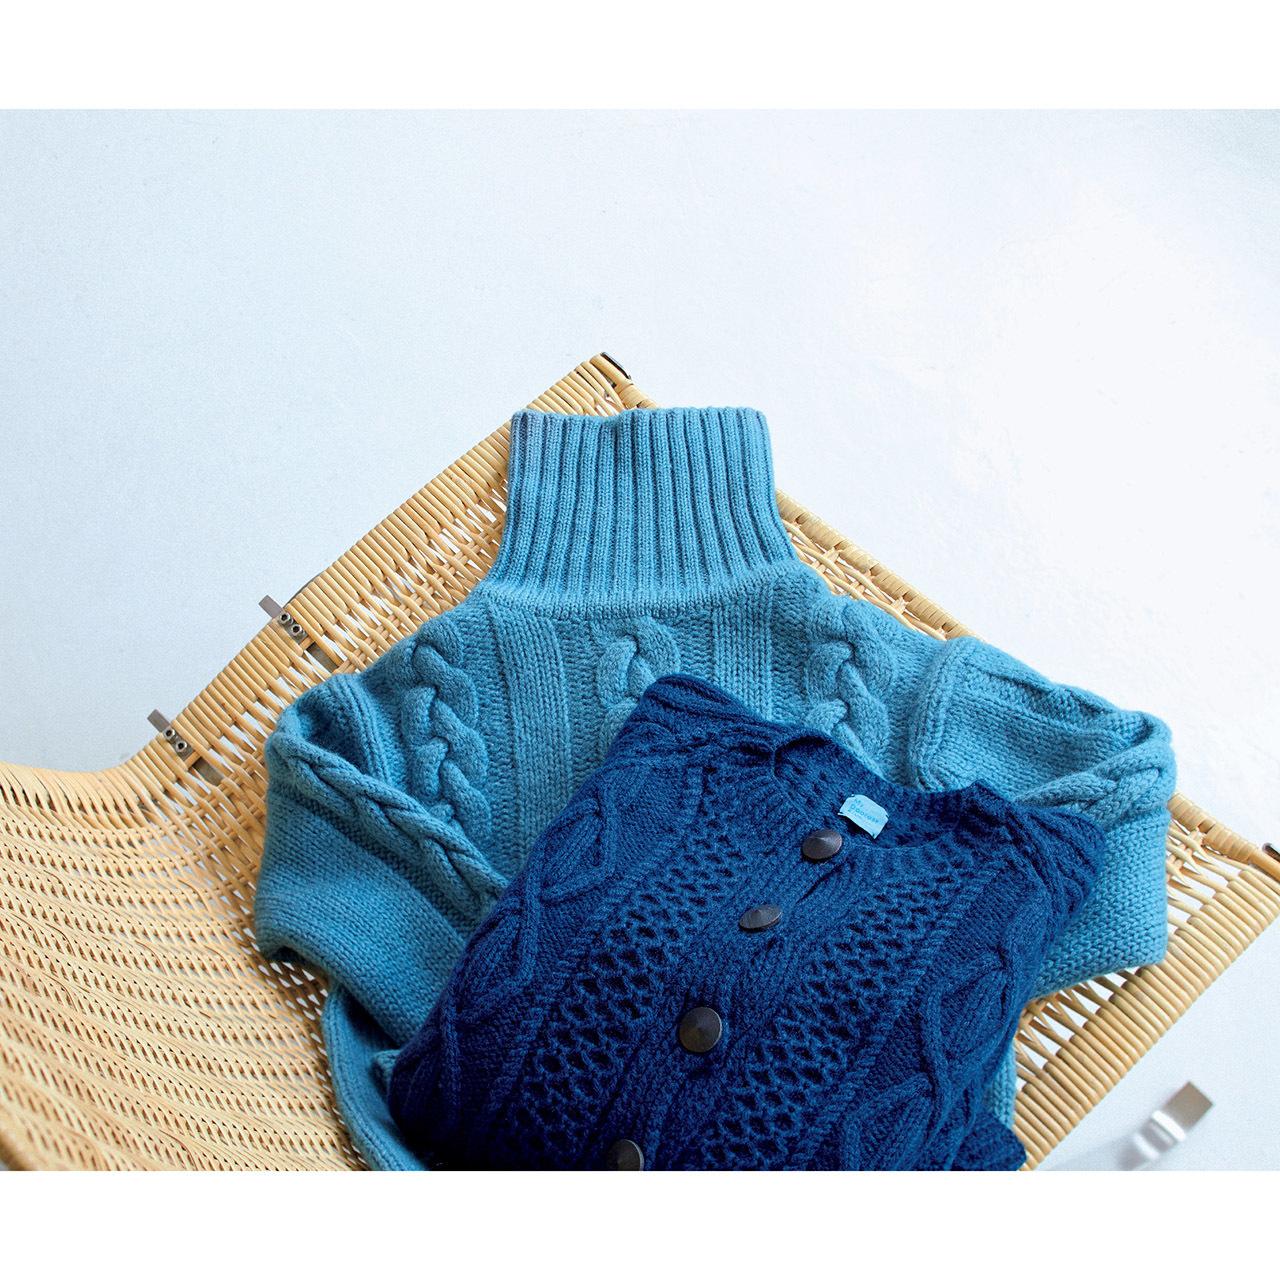 MADE IN JAPANの隠れた名品「LITMUSの藍染めニット」_1_1